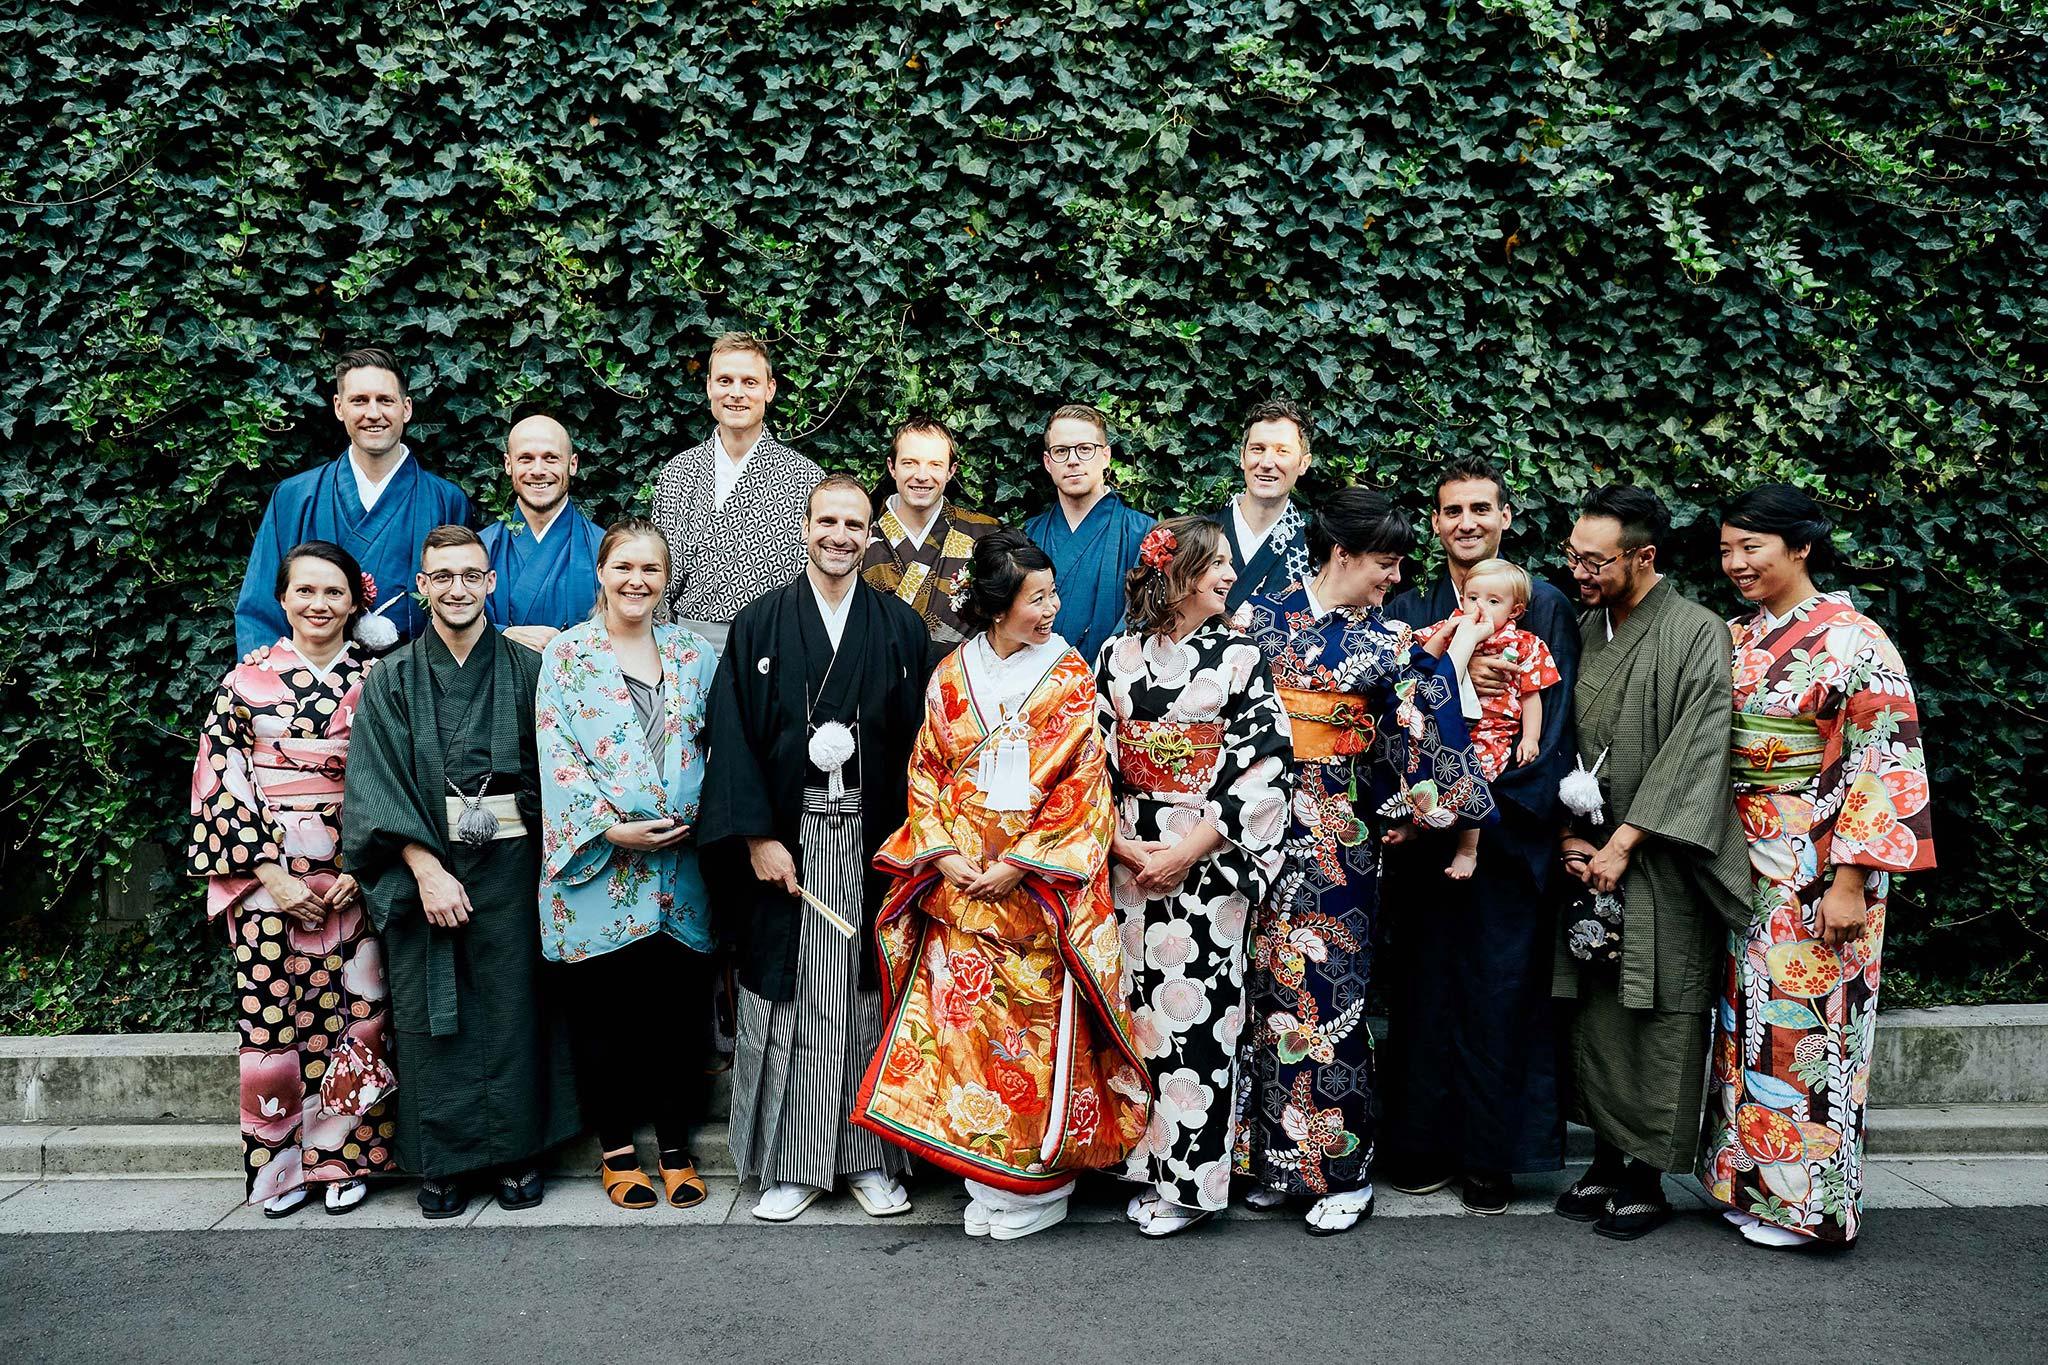 tokyo asakusa shrine traditional wedding group photo german